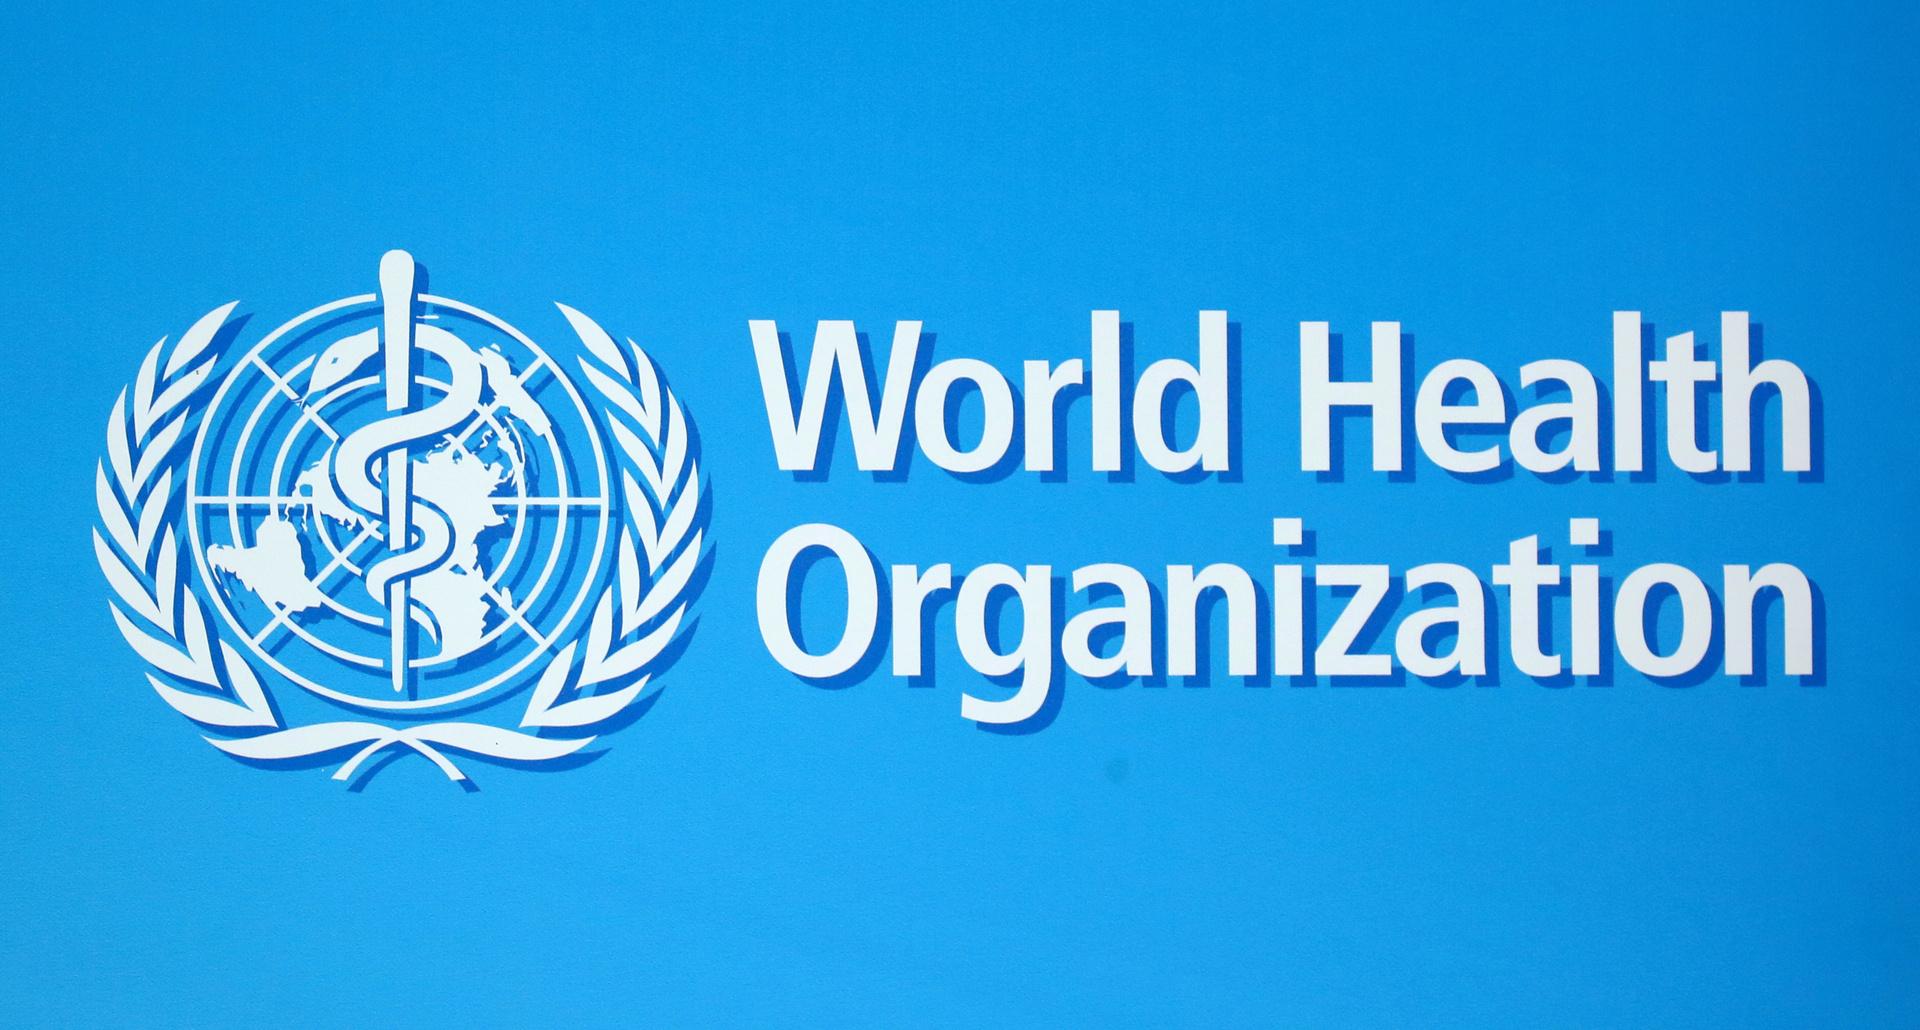 الصحة العالمية تدعو الدول الغنية للتبرع باللقاحات للفقراء بدلا من تطعيم الأطفال